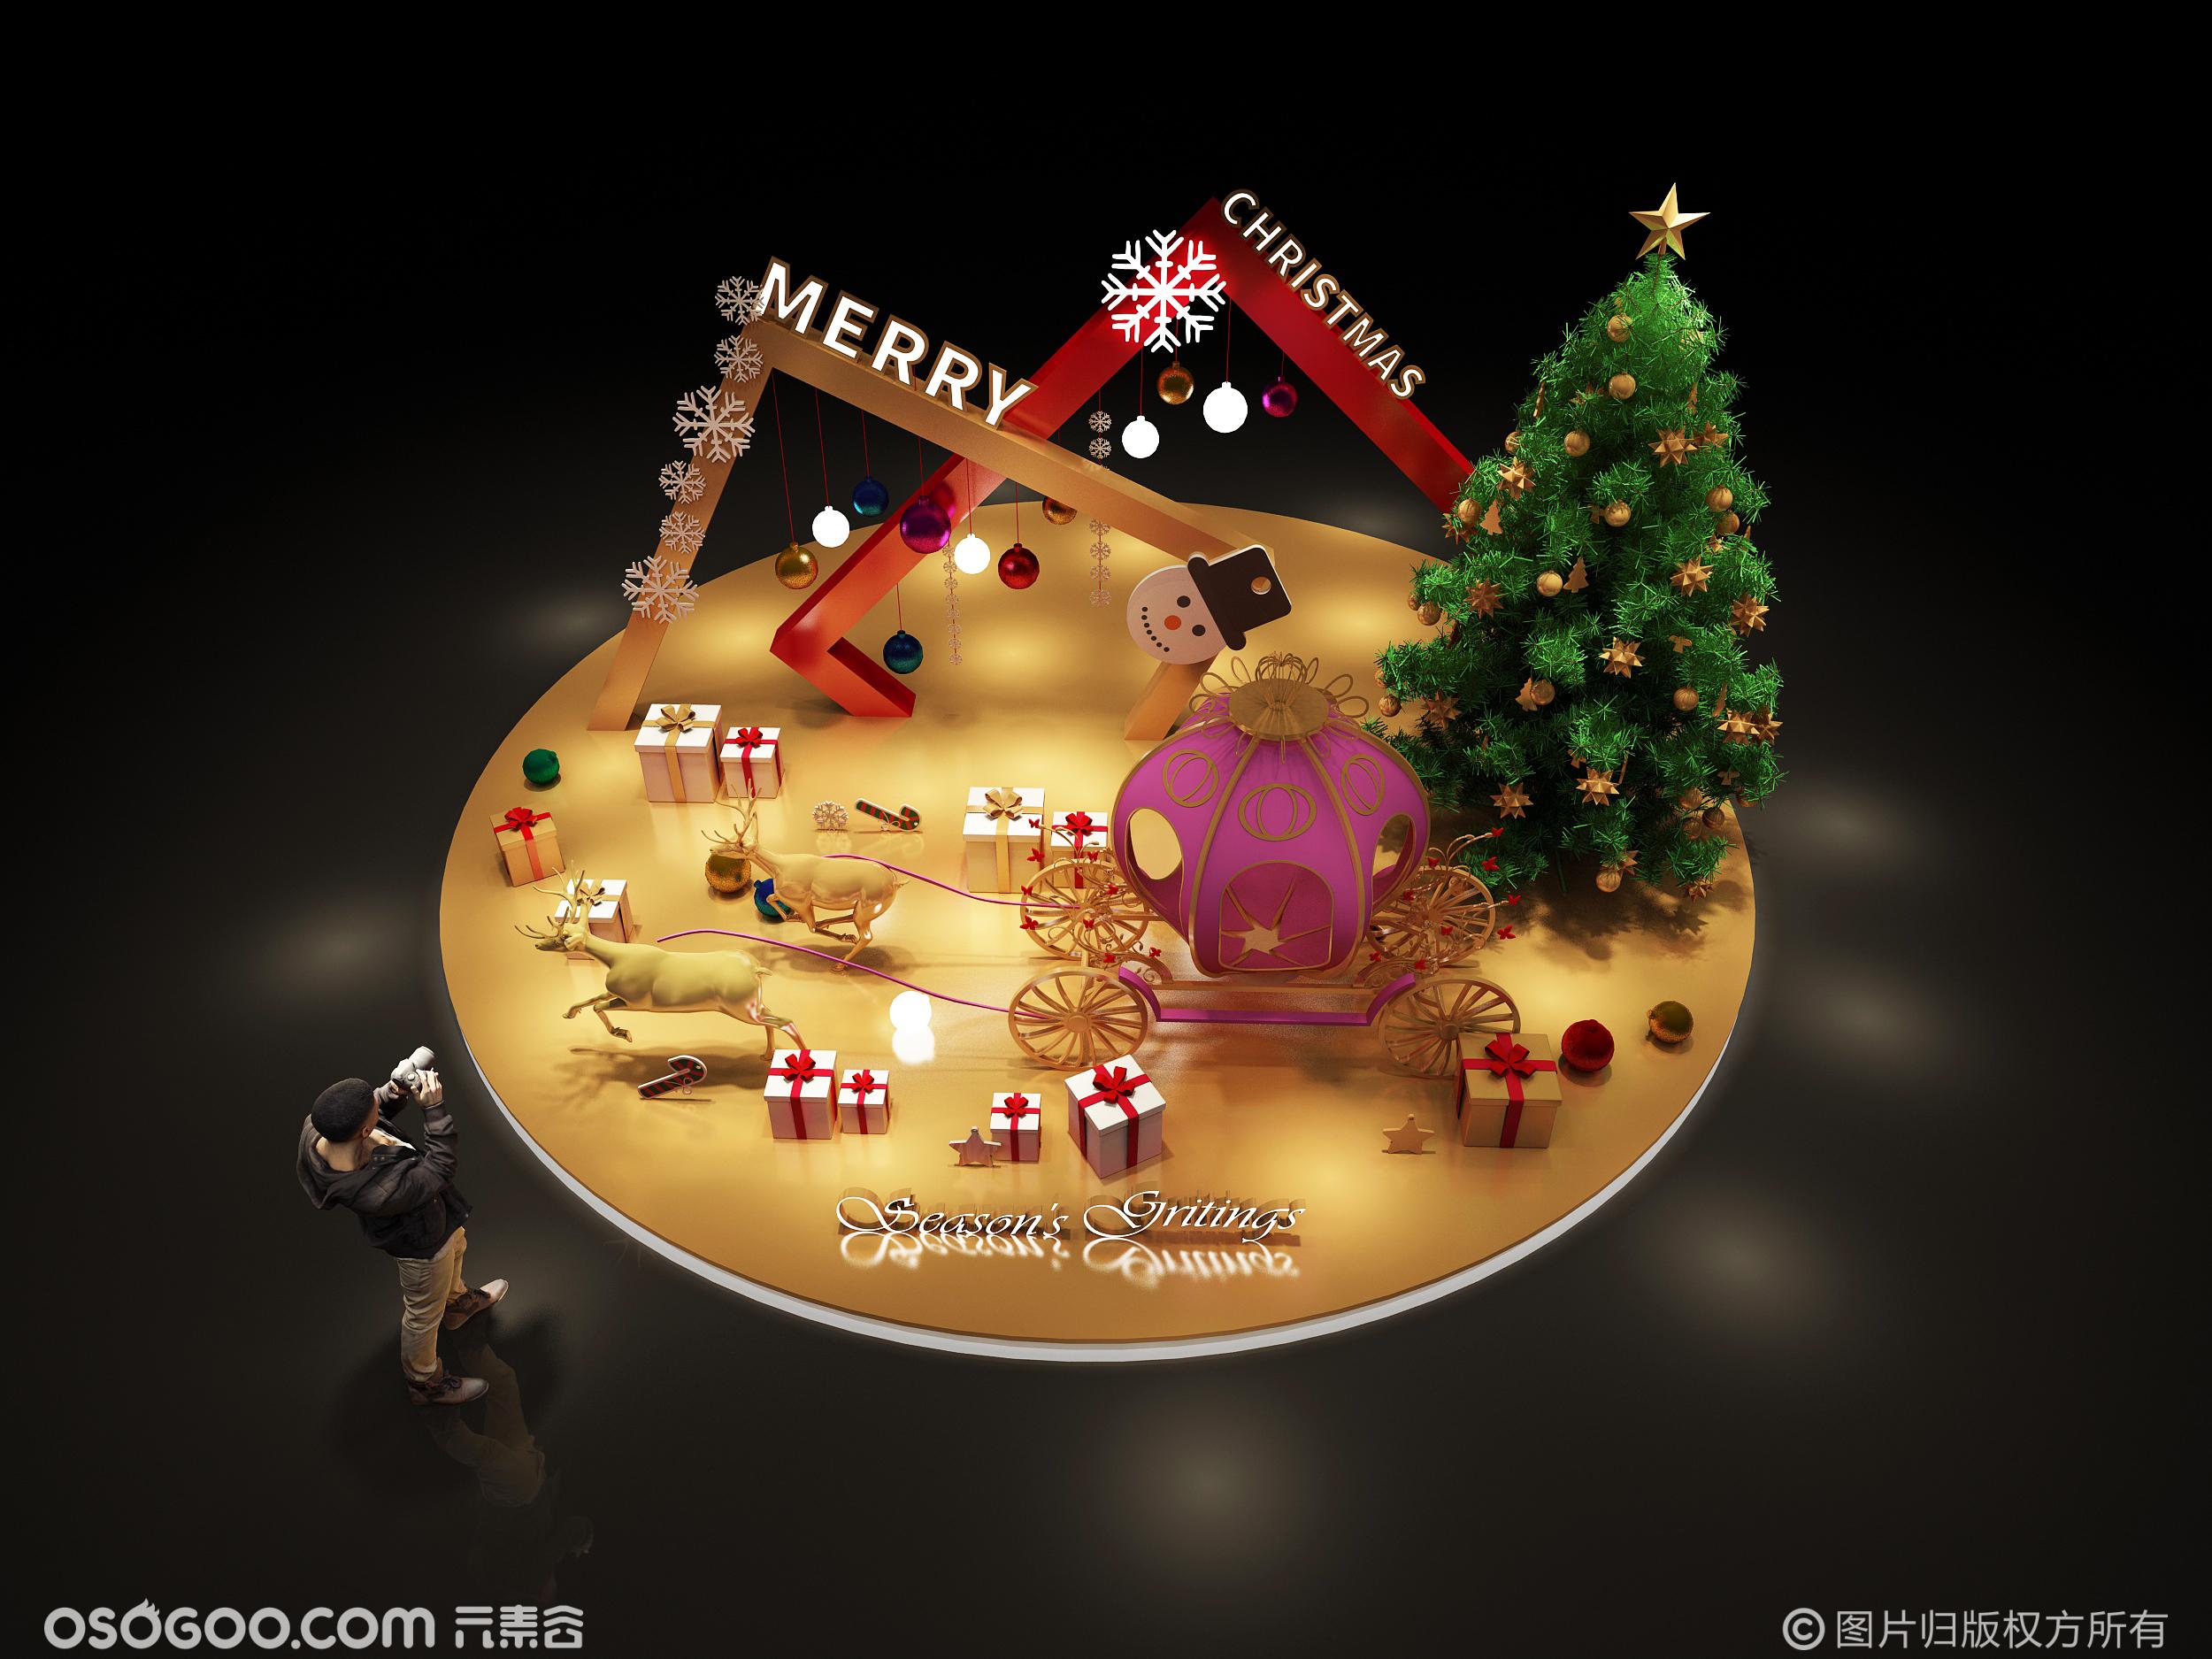 3D设计效果图▪商场圣诞美陈打卡点设计方案